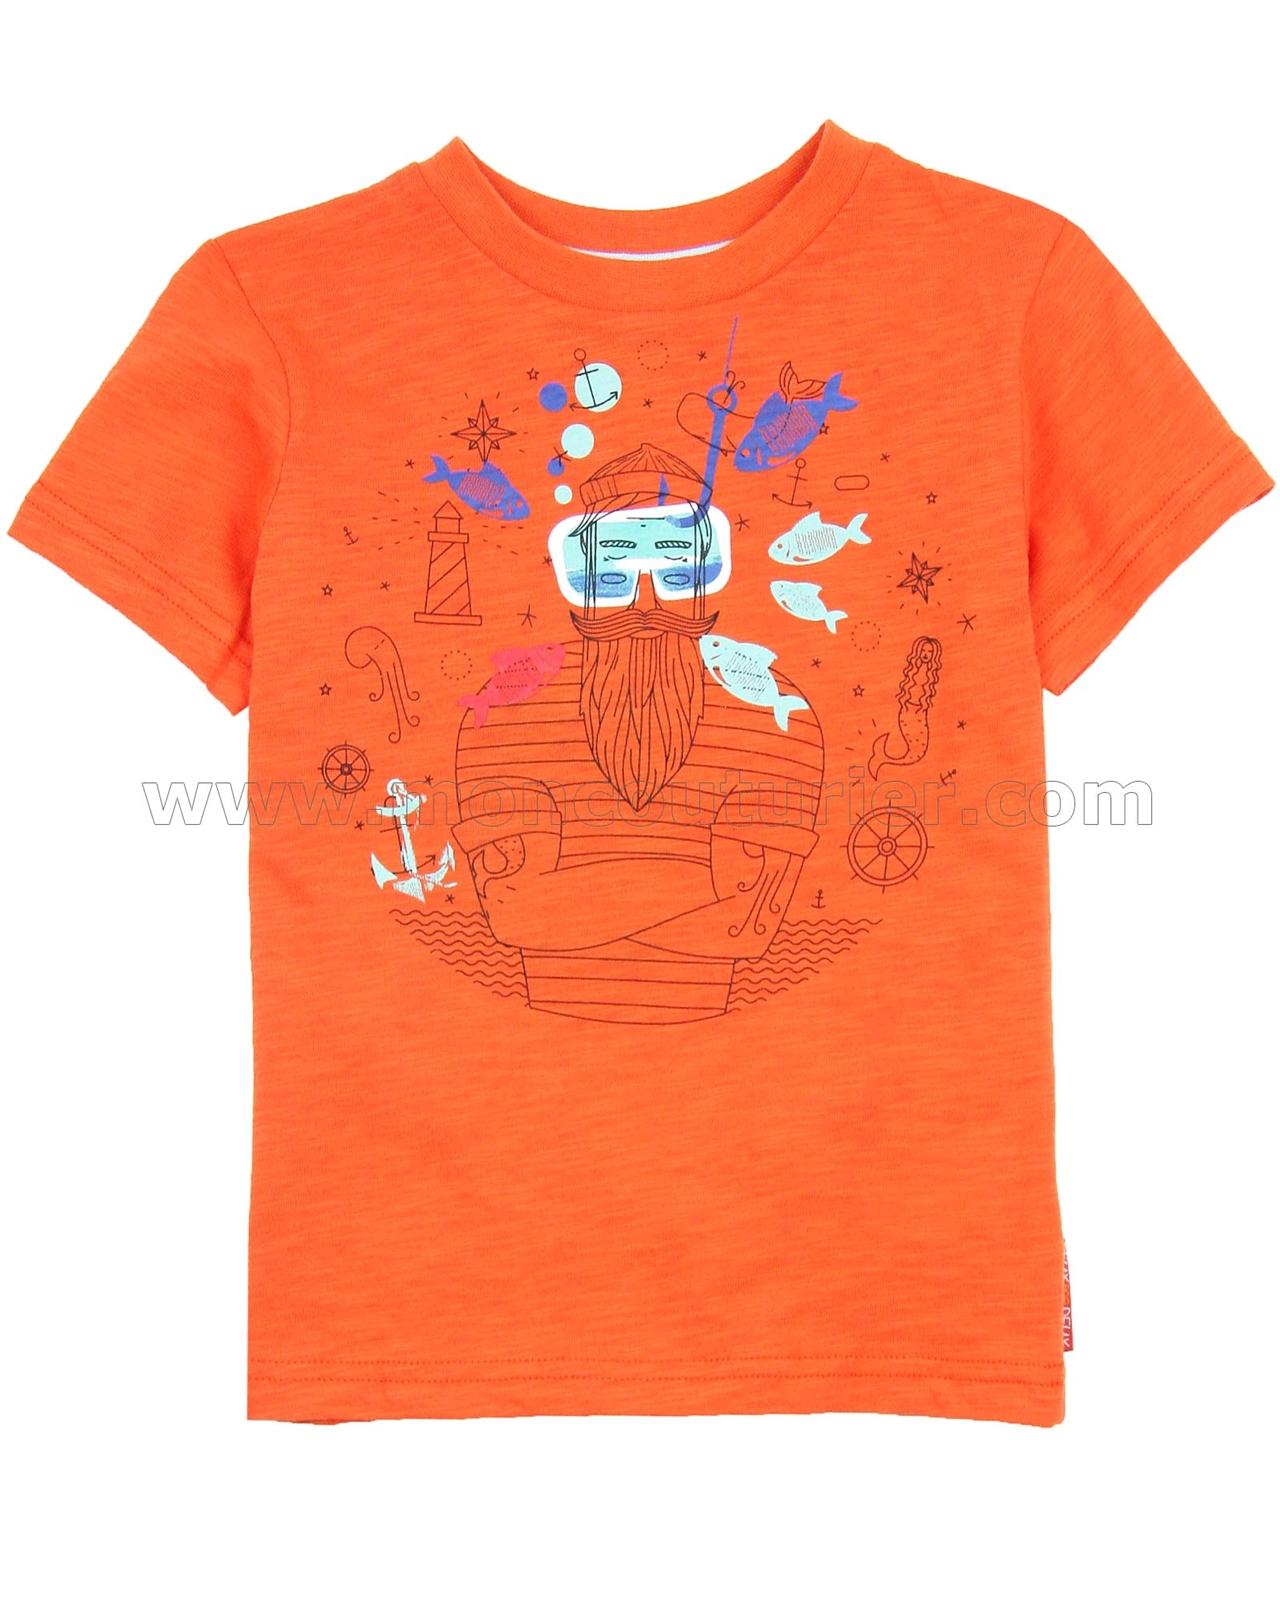 Deux par Deux Boys/' Orange Printed T-shirt Whistle Punk Sizes 18M-6